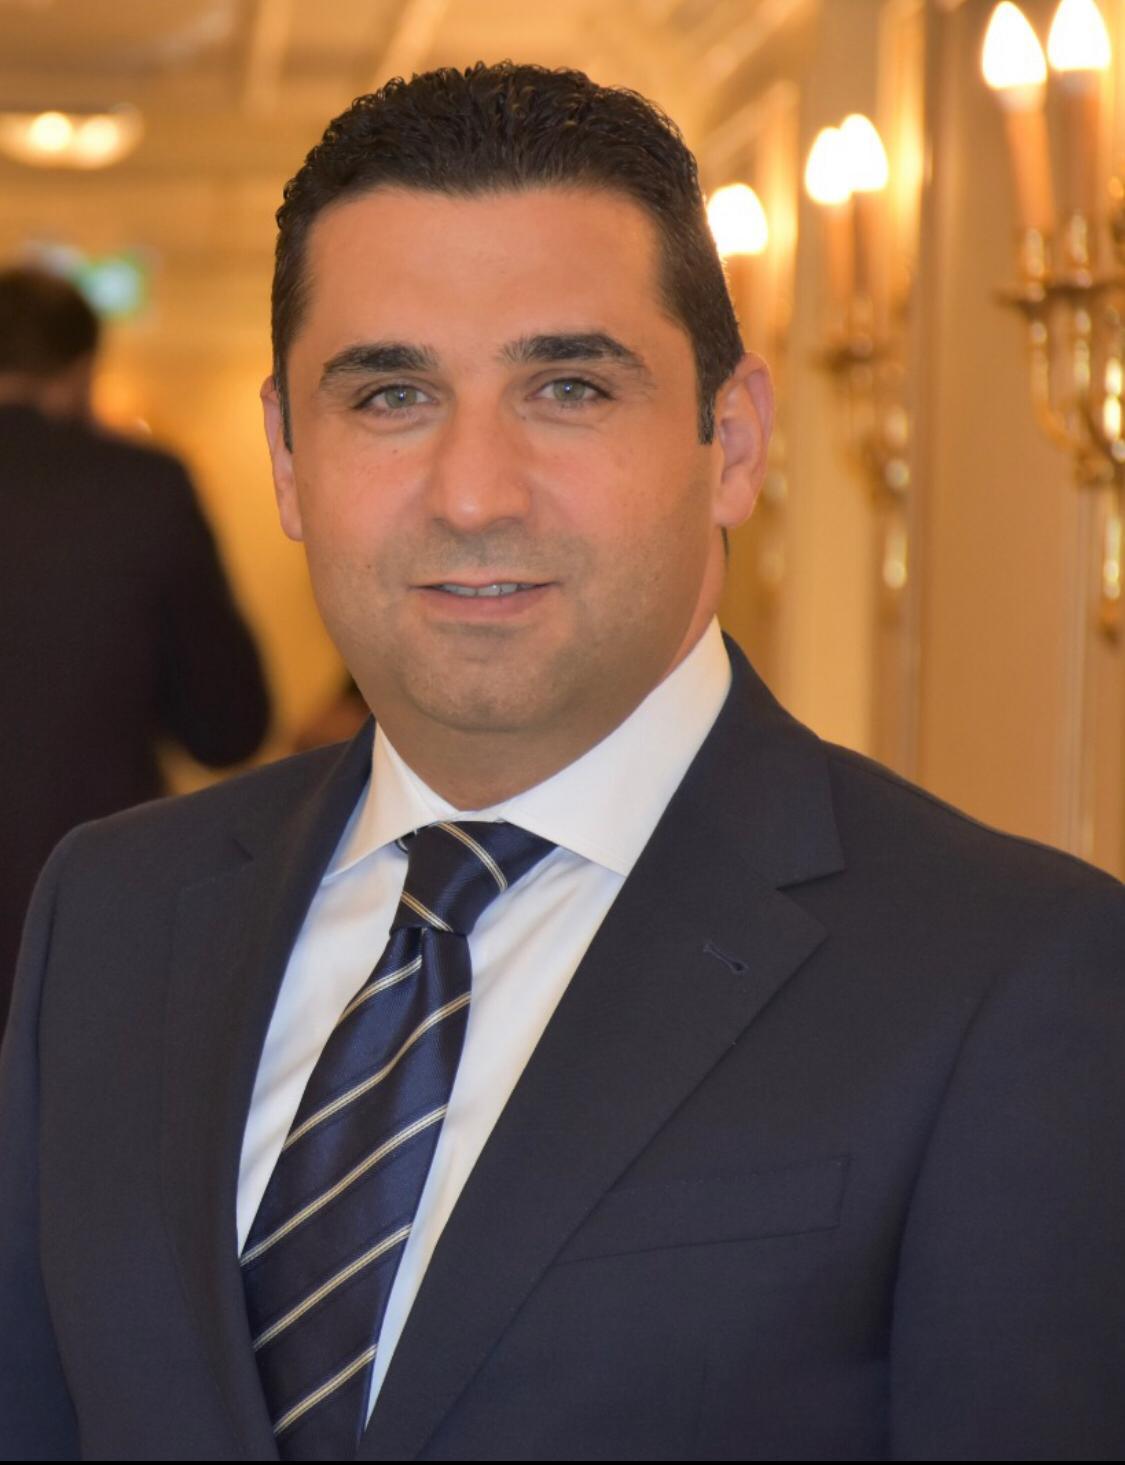 فنادق الكويت عاودت استقبال روادها بإشغال 60 في المئة من الغرف المتاحة للحجوزات في الأضحى